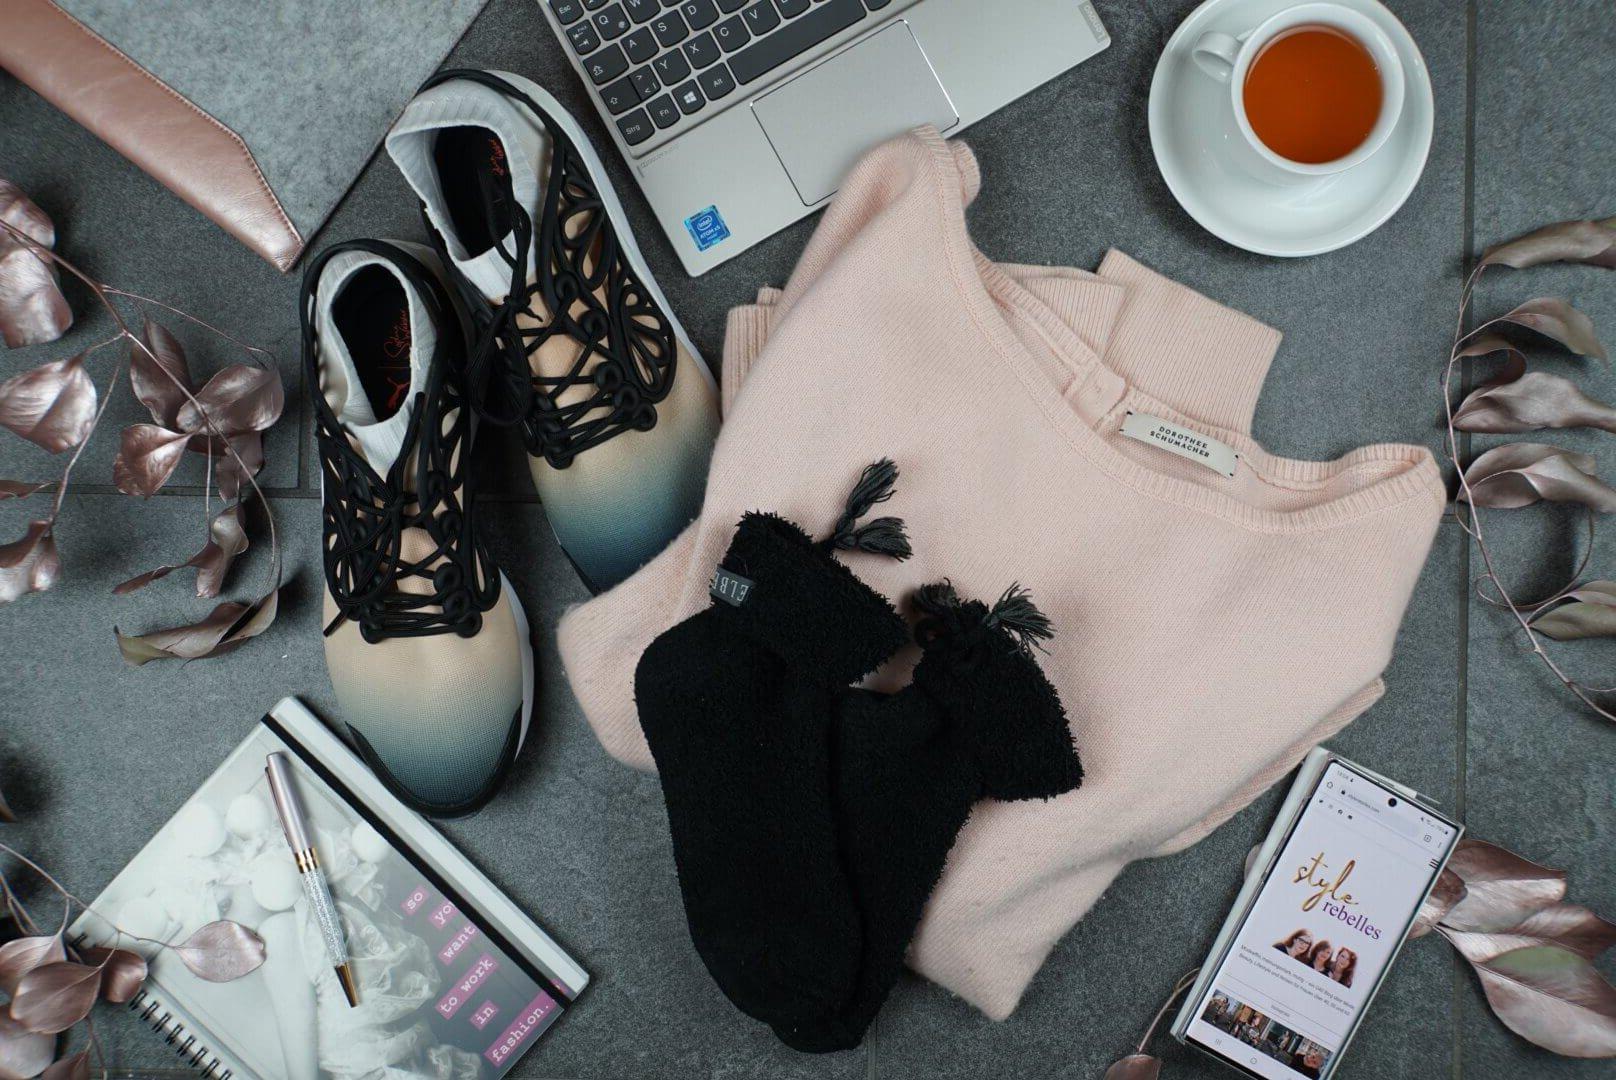 Kleidung im Lockdown - die drei wichtigsten Kleidungsstücke